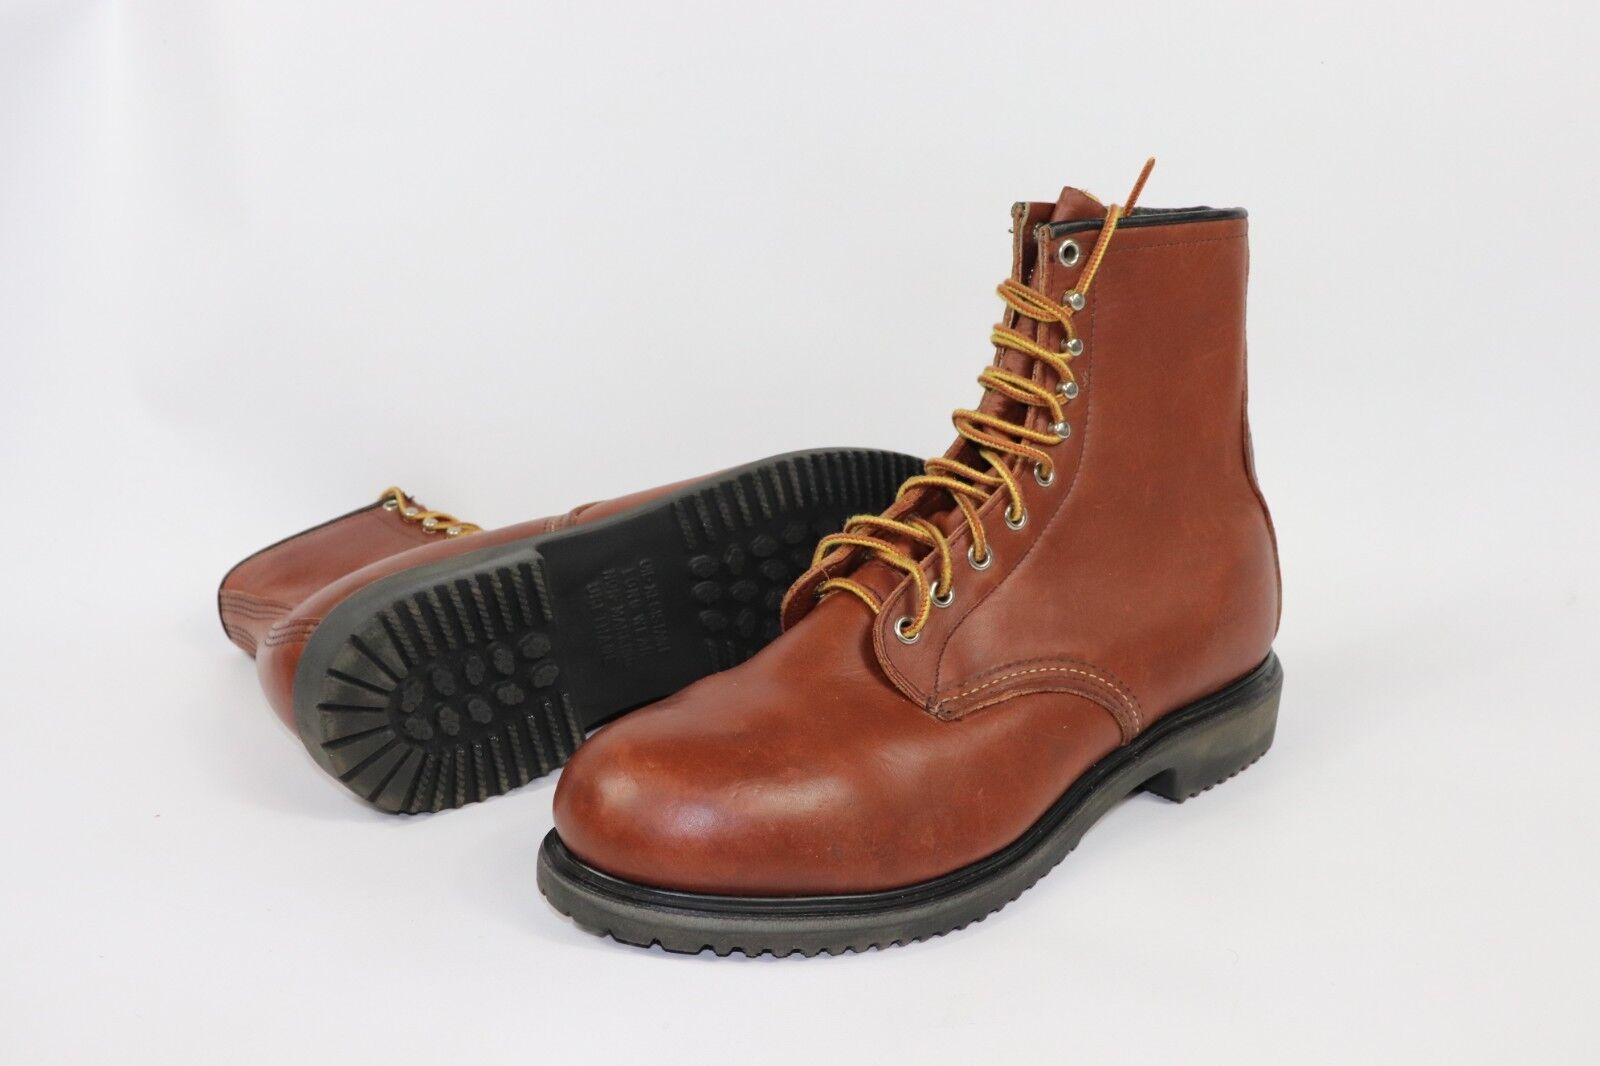 Ala roja Vintage Nuevo Zapatos para hombre 11 D 4412 aislado Cuero Puntera De Acero botas De Trabajo